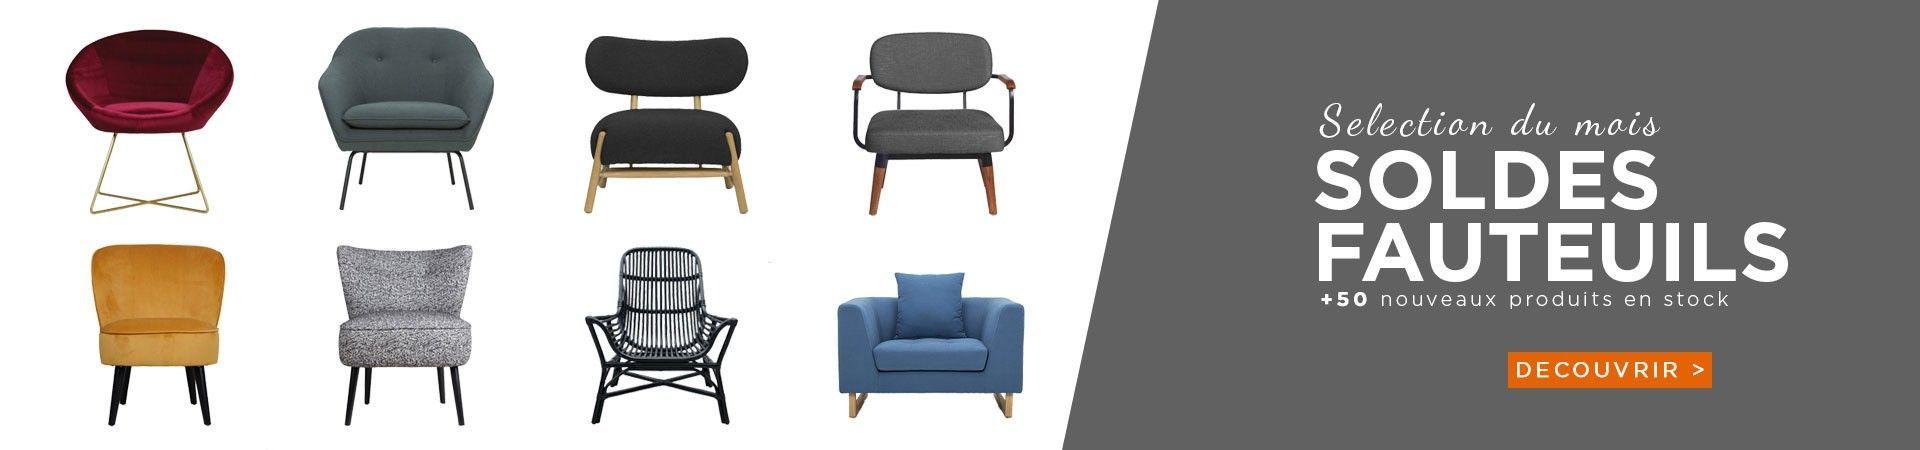 soldes fauteuils design